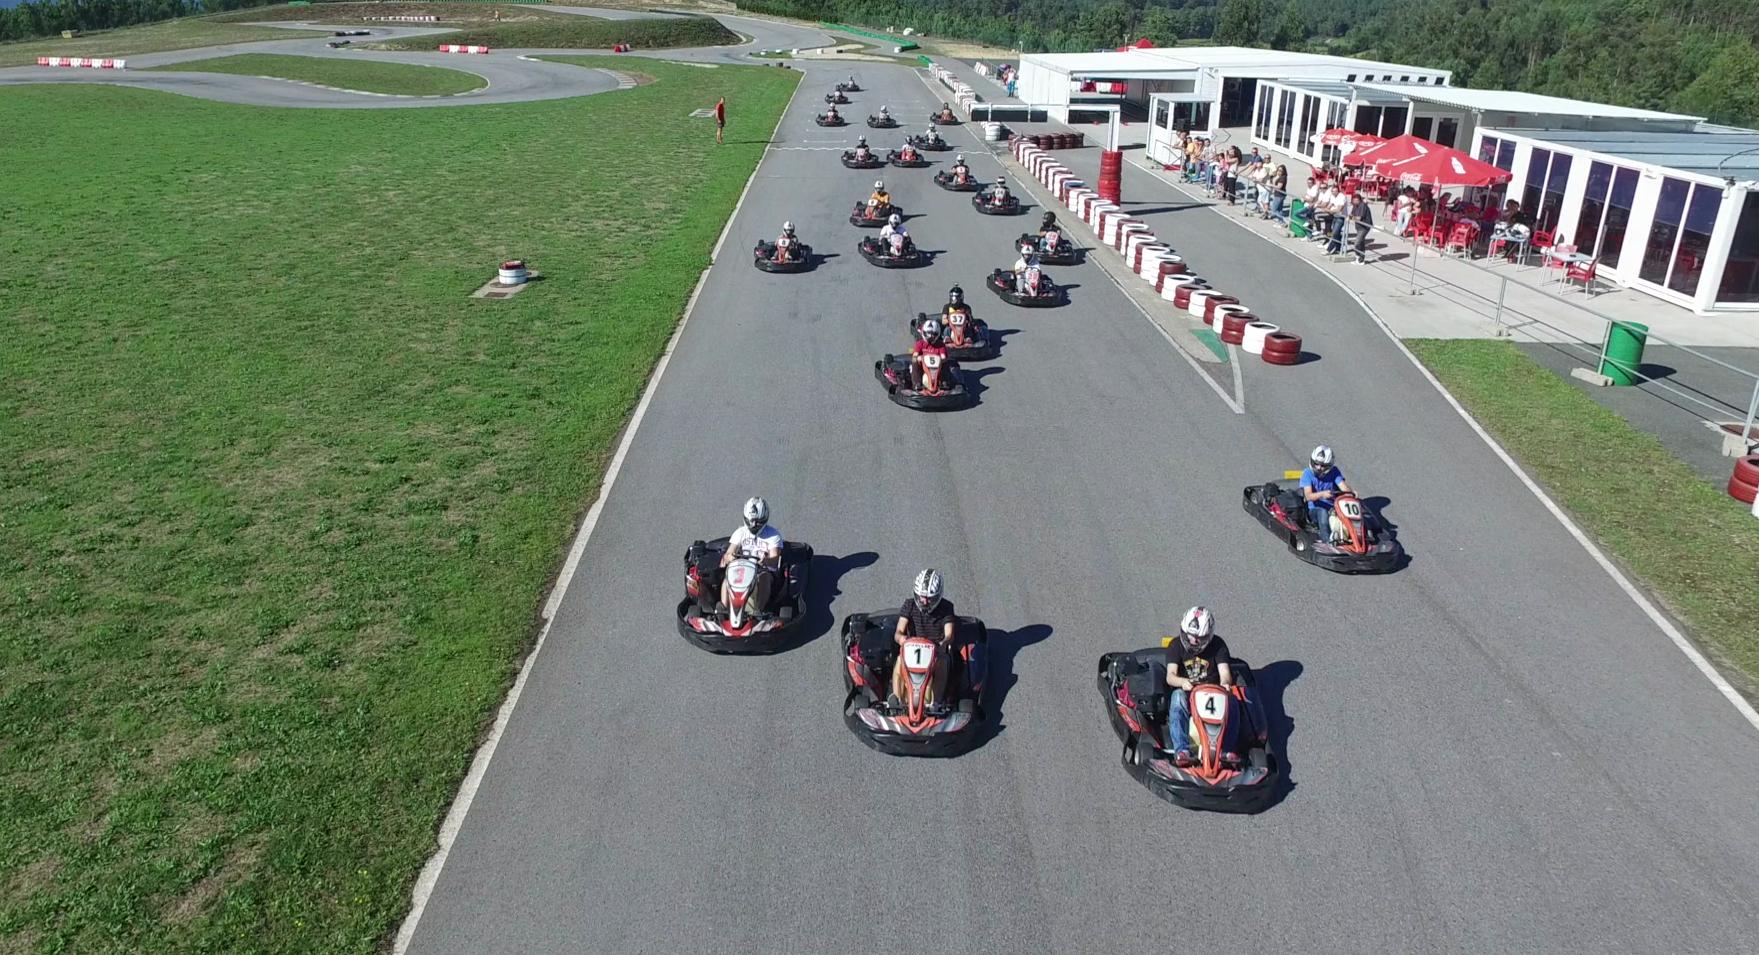 Los mayores circuitos de karting en Galicia. Campeonatos con karts de alta competición para despedidas de soltero y soltera.